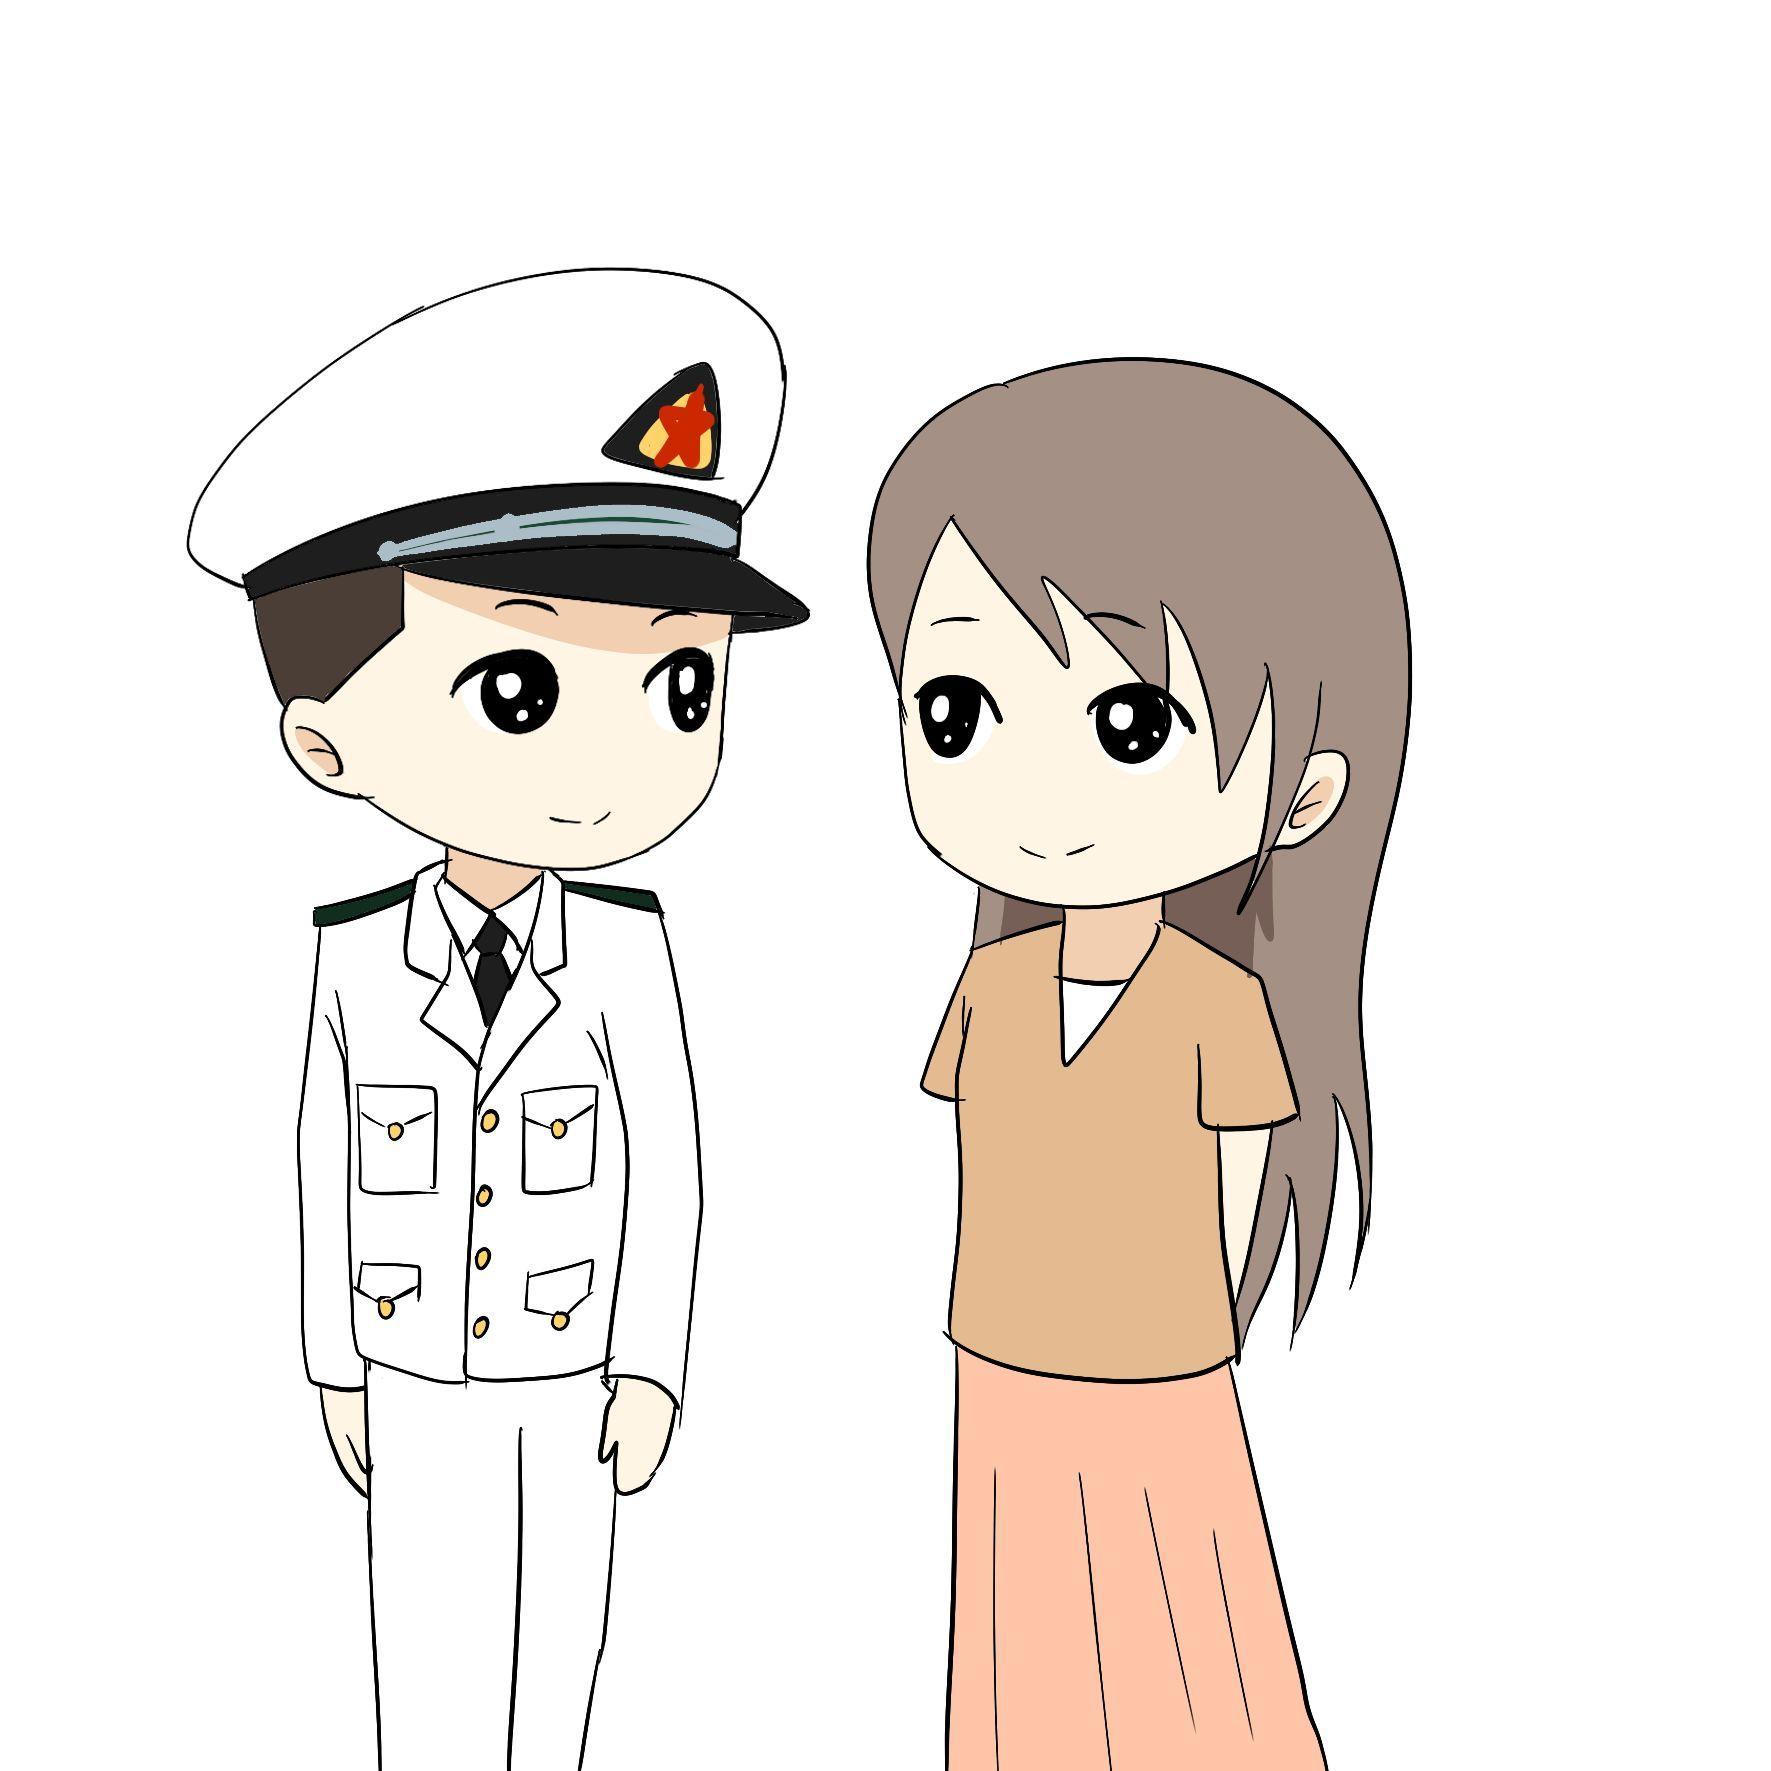 军嫂卡通_动漫 卡通 漫画 头像 1771_1771